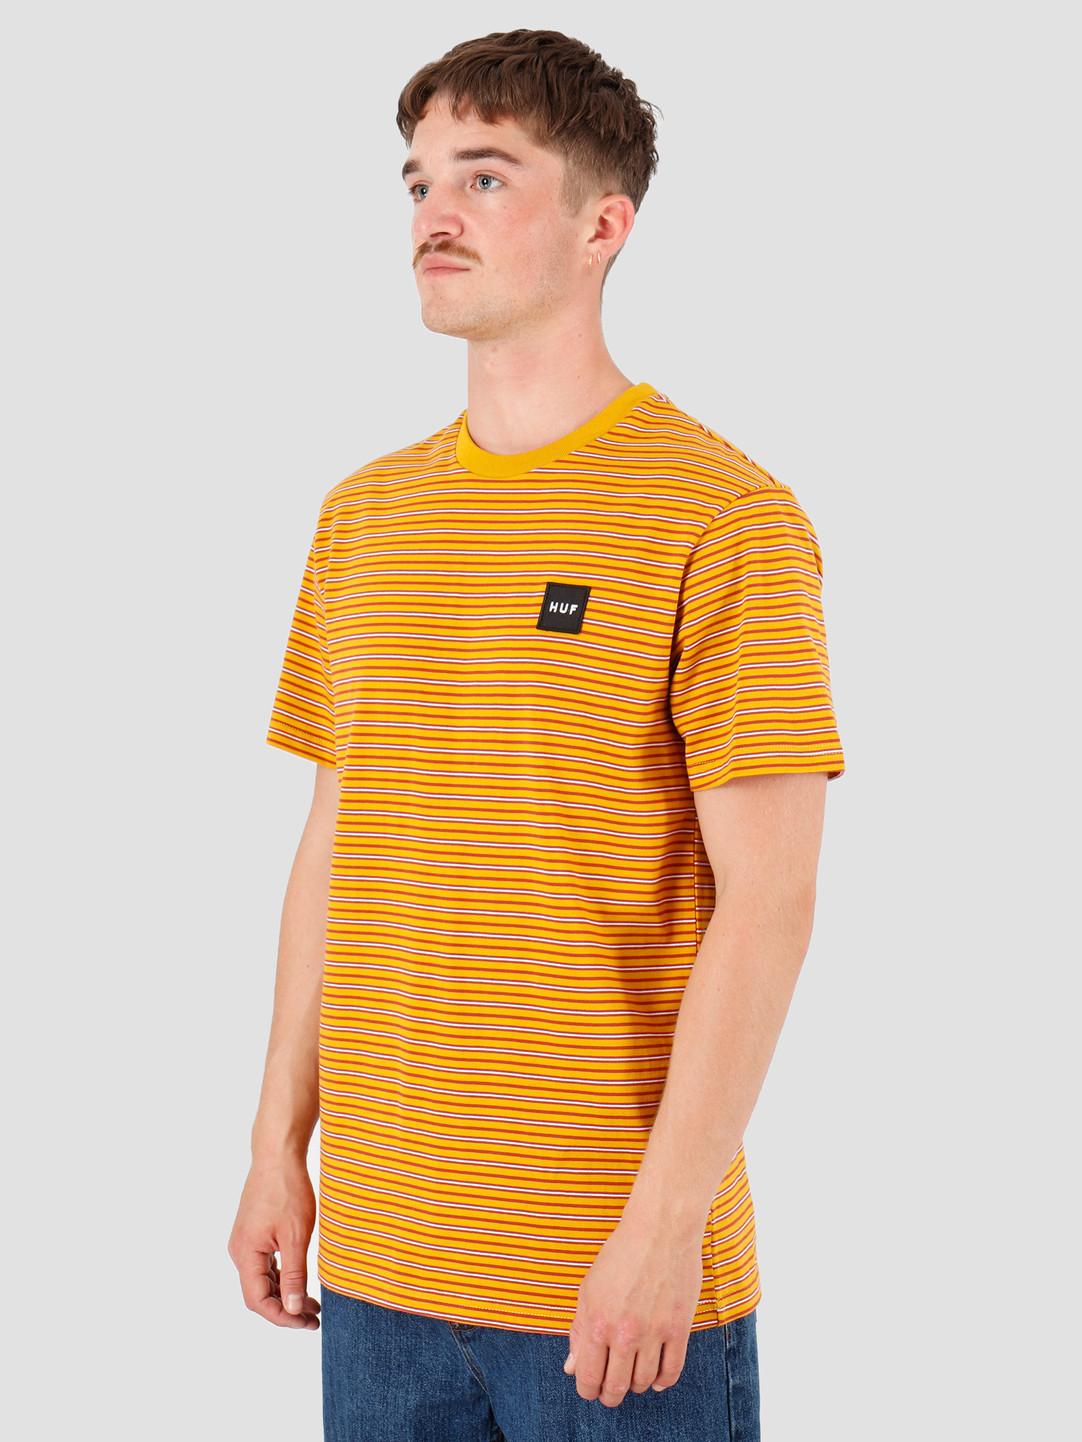 HUF HUF Dazed Knit Top Sauterne KN00120-STRNE